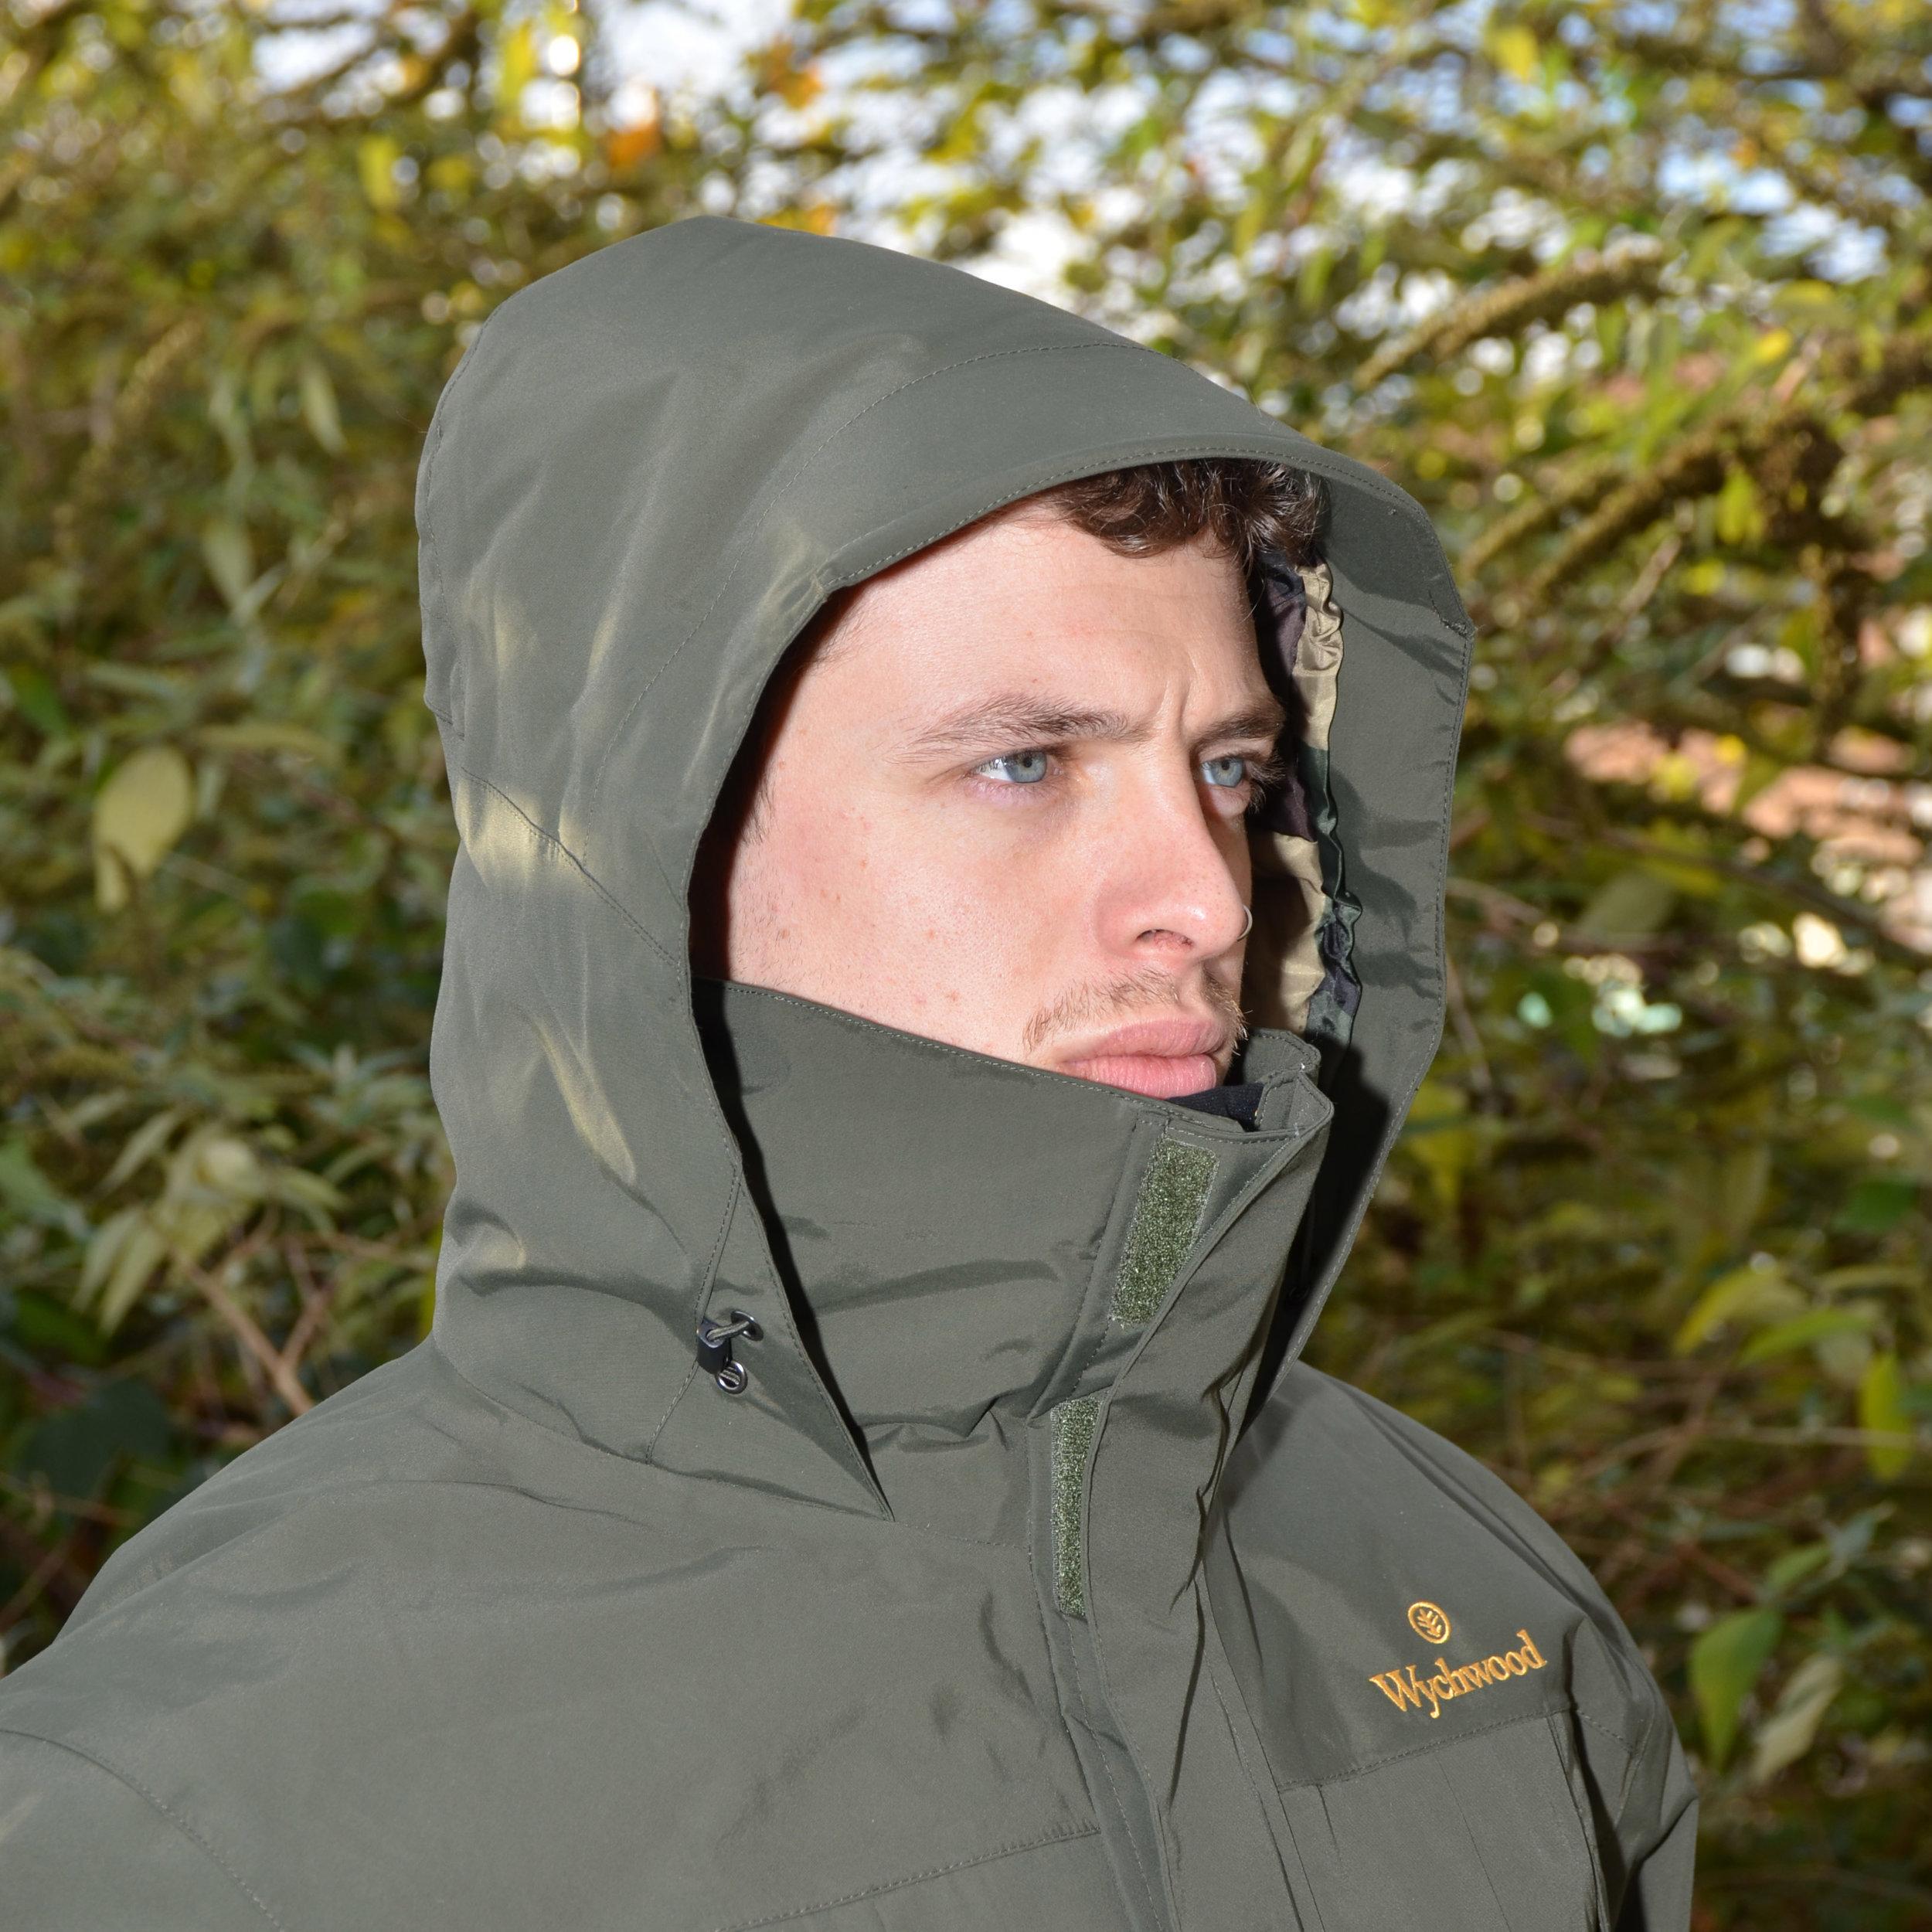 Wychwood Parka fishing jacket